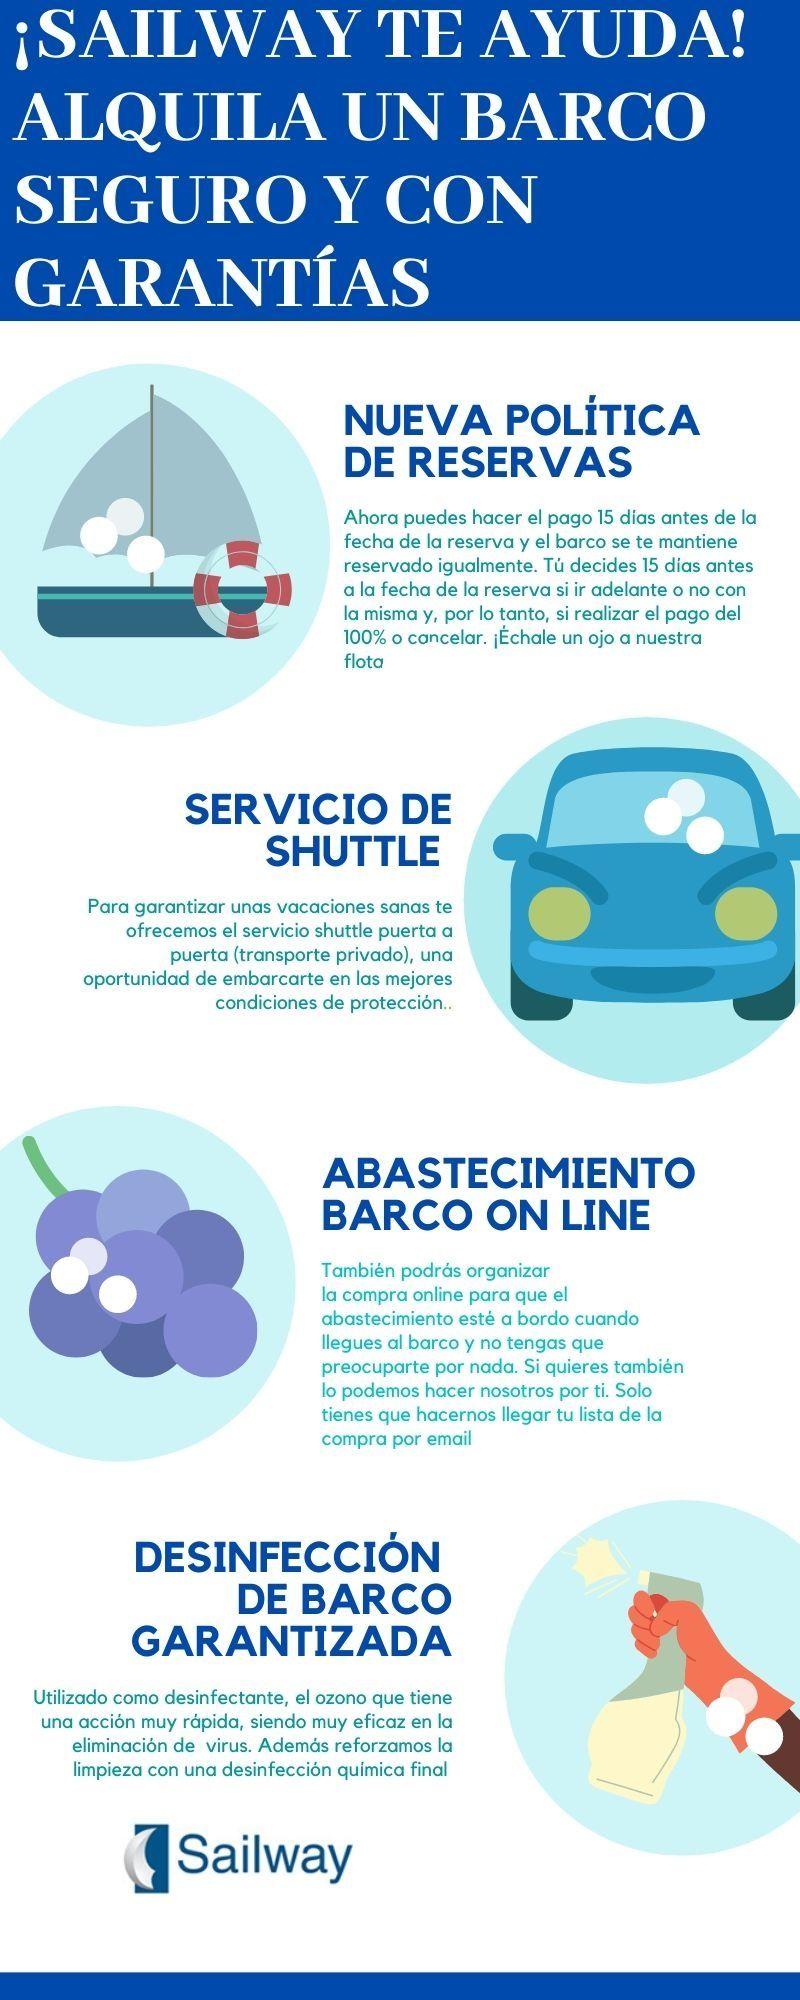 Alquila_Barco_Seguro_con_Garantías_Sailing_Holidays